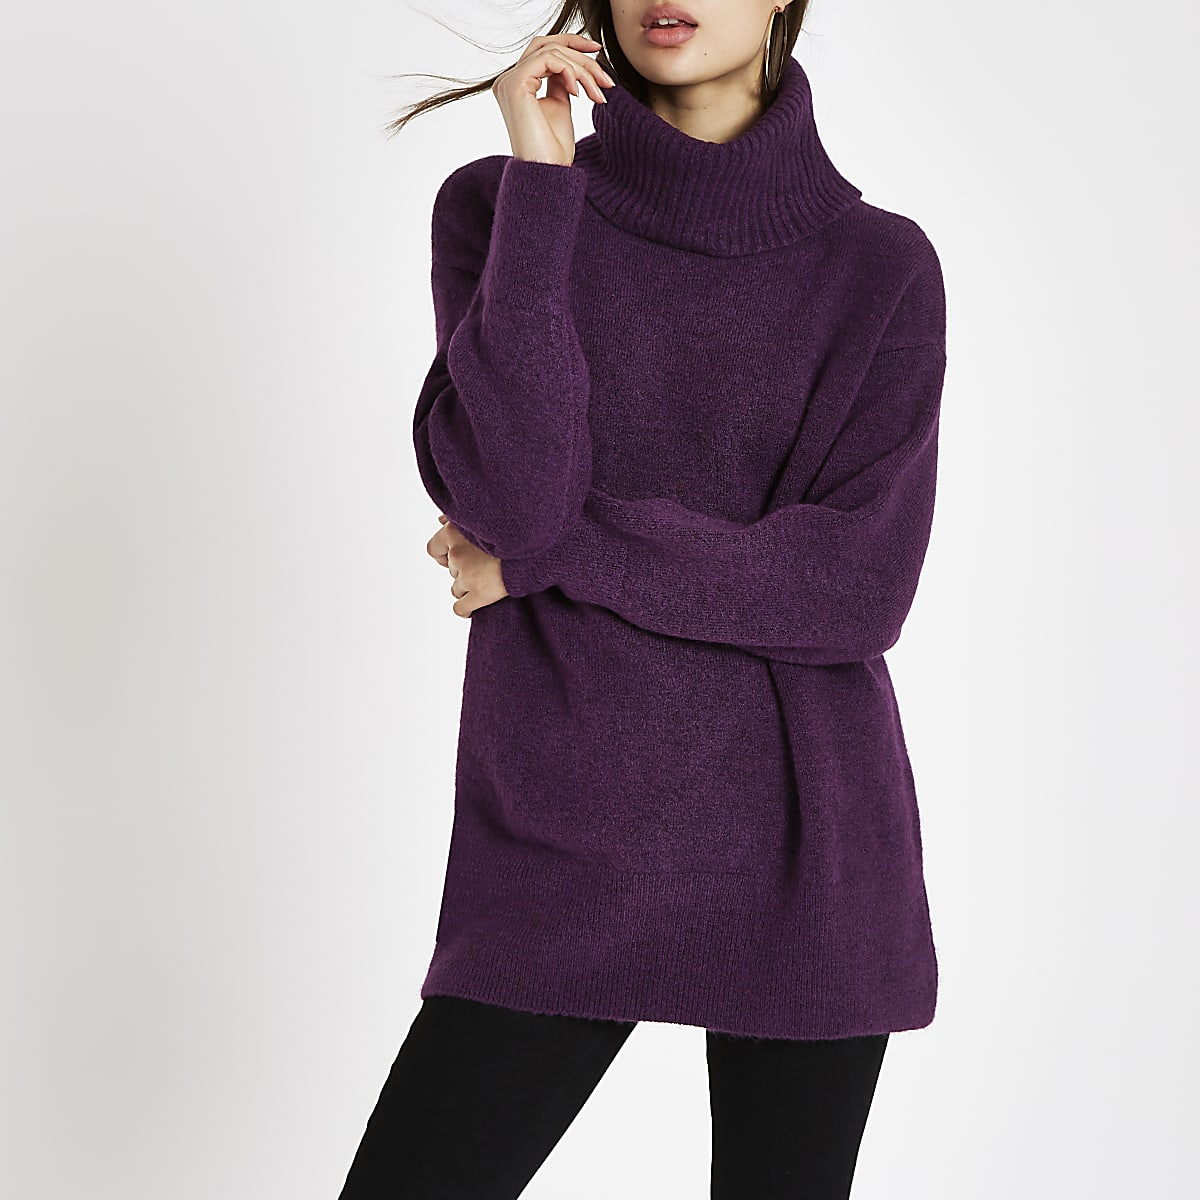 Purple roll neck knit sweater